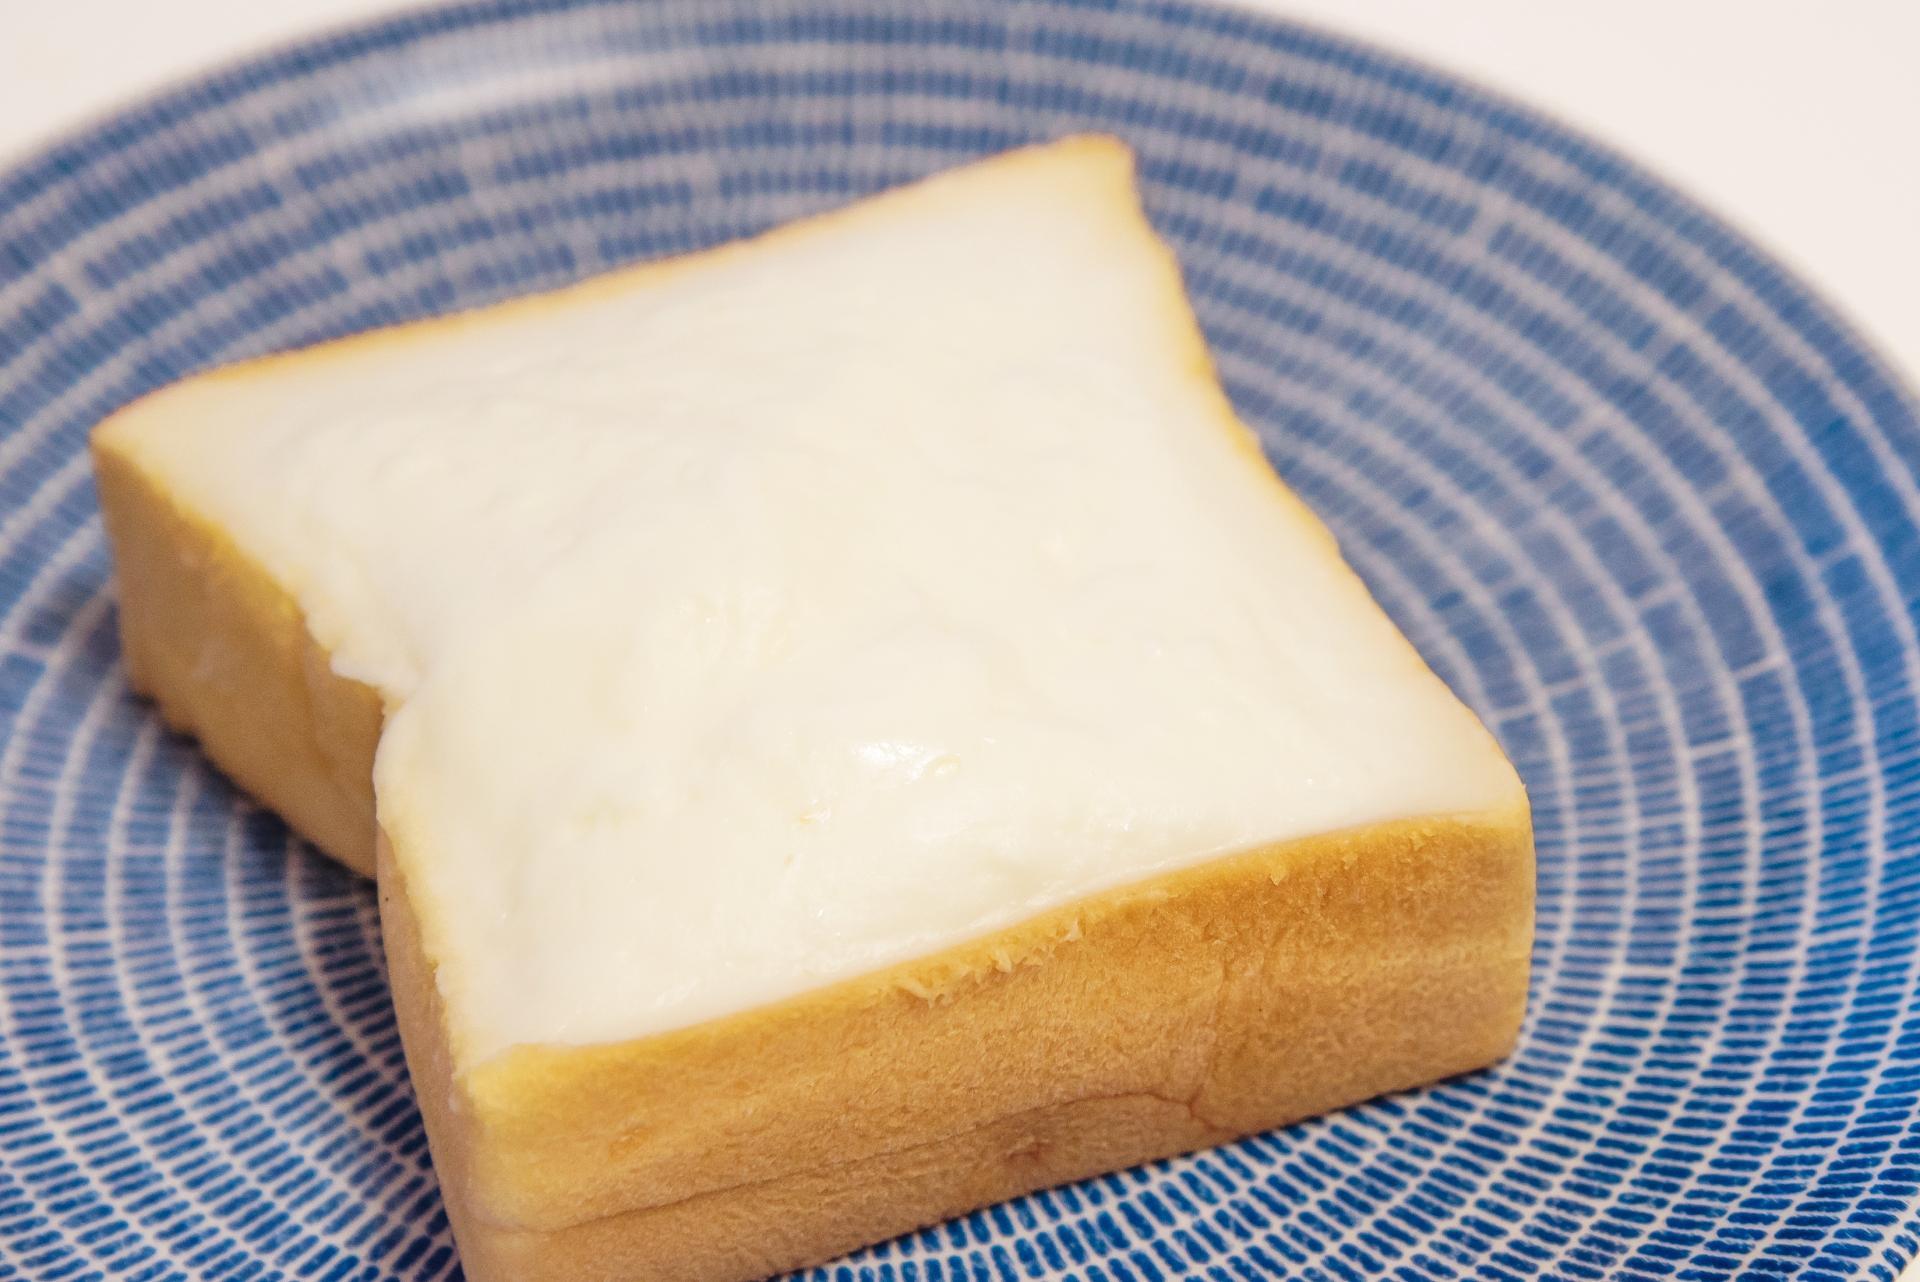 【通販】福島・郡山のソウルフード「クリームボックス」をお取り寄せ!どんなパン?